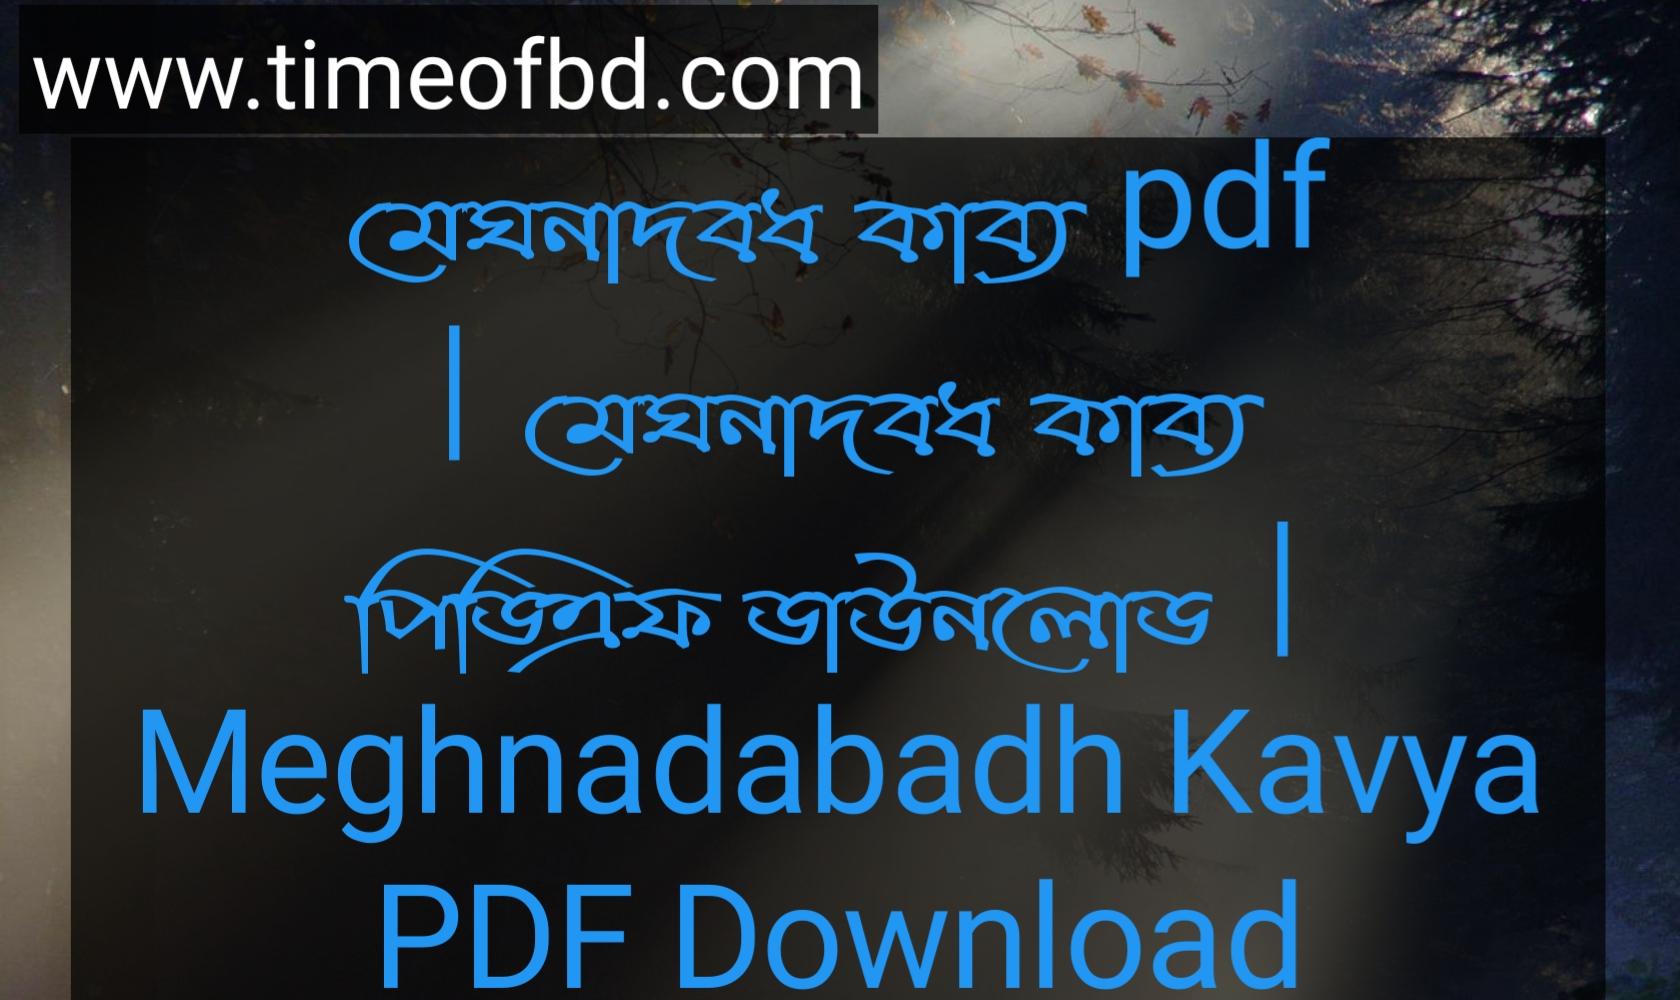 মেঘনাদবধ কাব্য pdf, মেঘনাদবধ কাব্য পিডিএফ ডাউনলোড, মেঘনাদবধ কাব্য পিডিএফ, মেঘনাদবধ কাব্য pdf download,